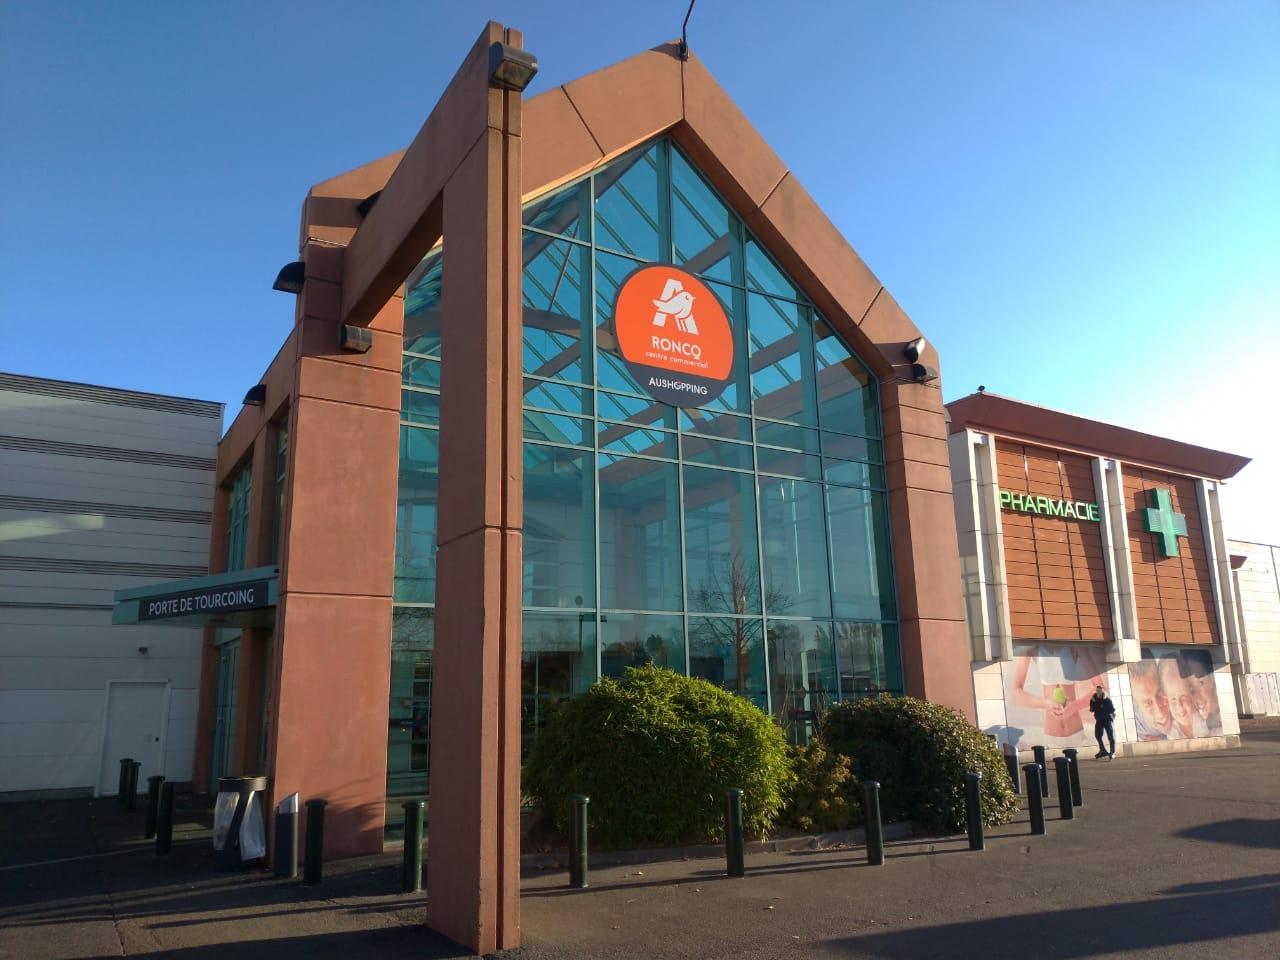 Больше категории фреш и промо: что можно взять у Auchan из Франции, - эксперты РАЭРР